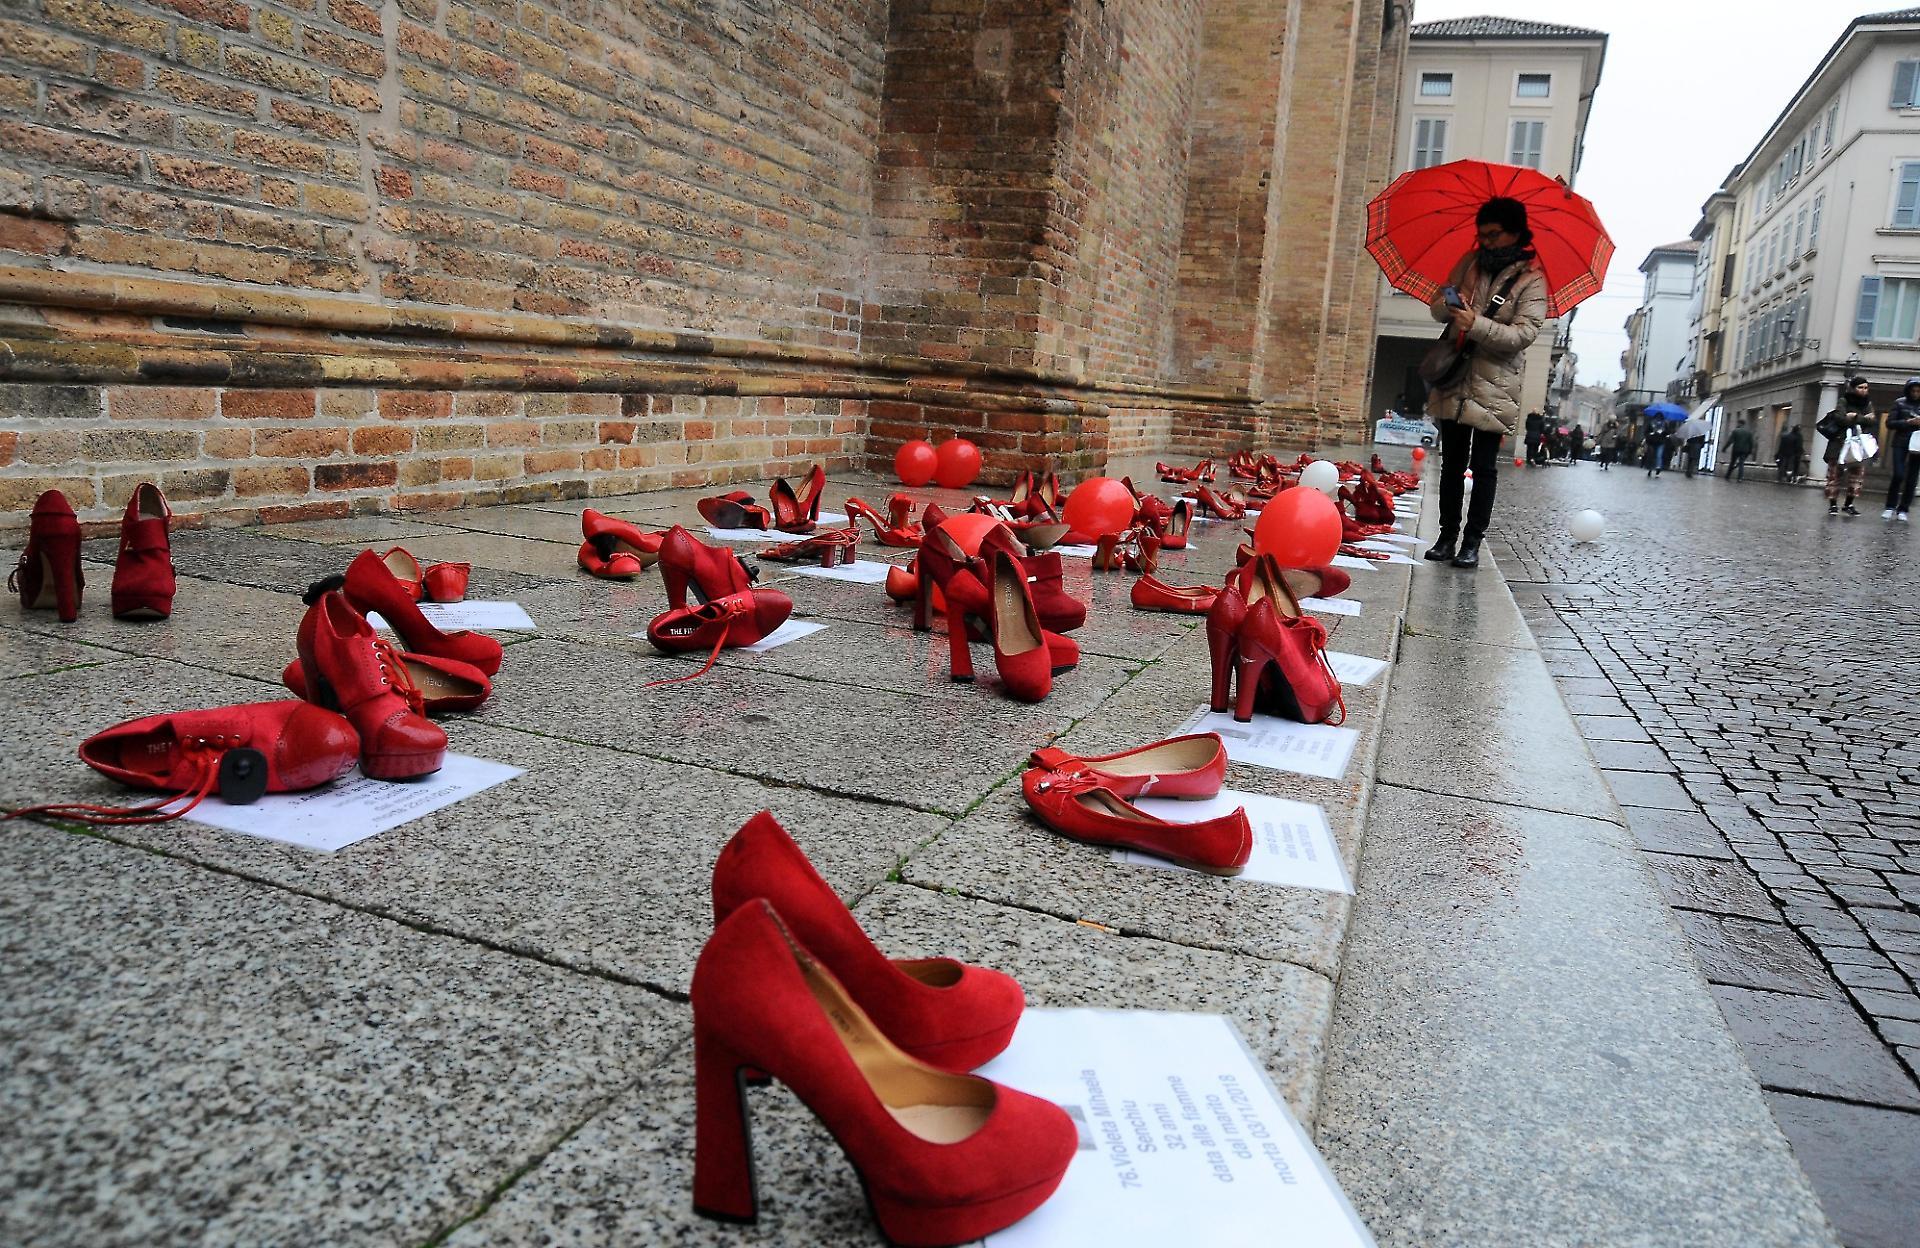 donne contro la violenza scarpe rosse e volti la provincia donne contro la violenza scarpe rosse